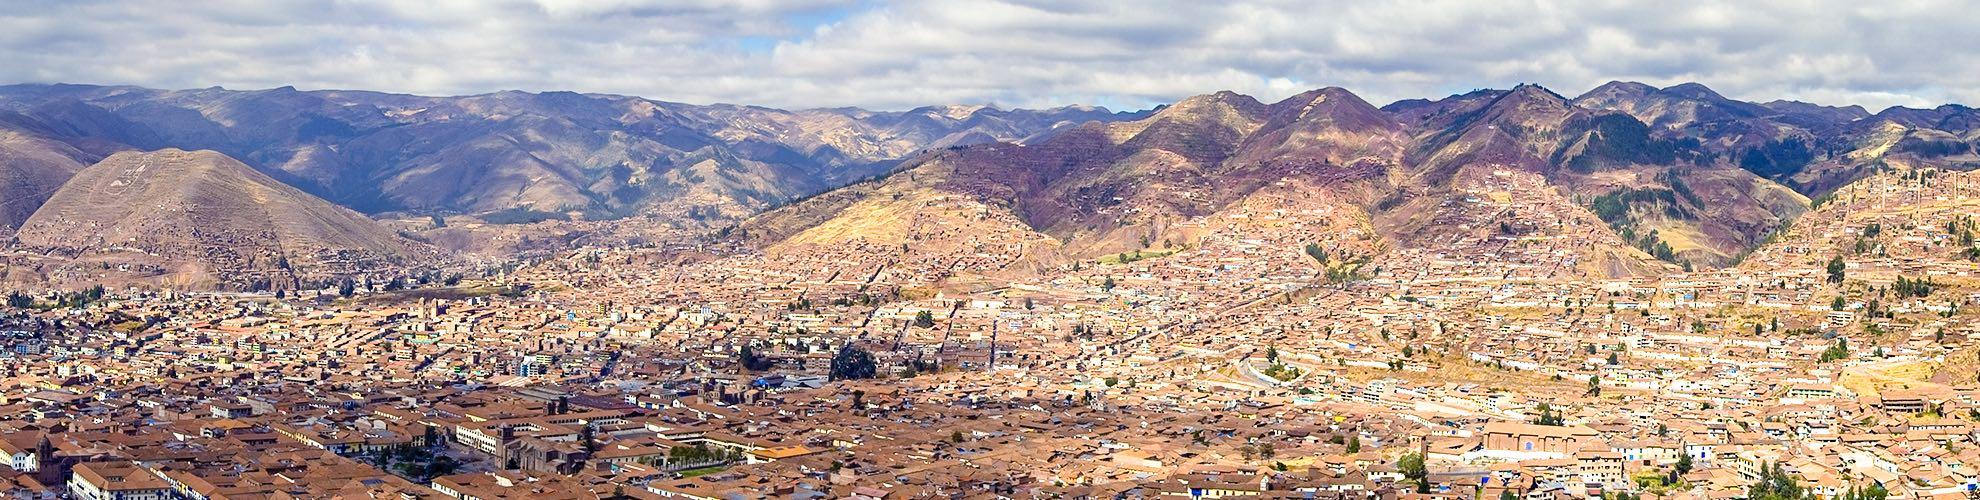 Perus Orken Kort Kort I Perus Orken Syd Amerika Amerika